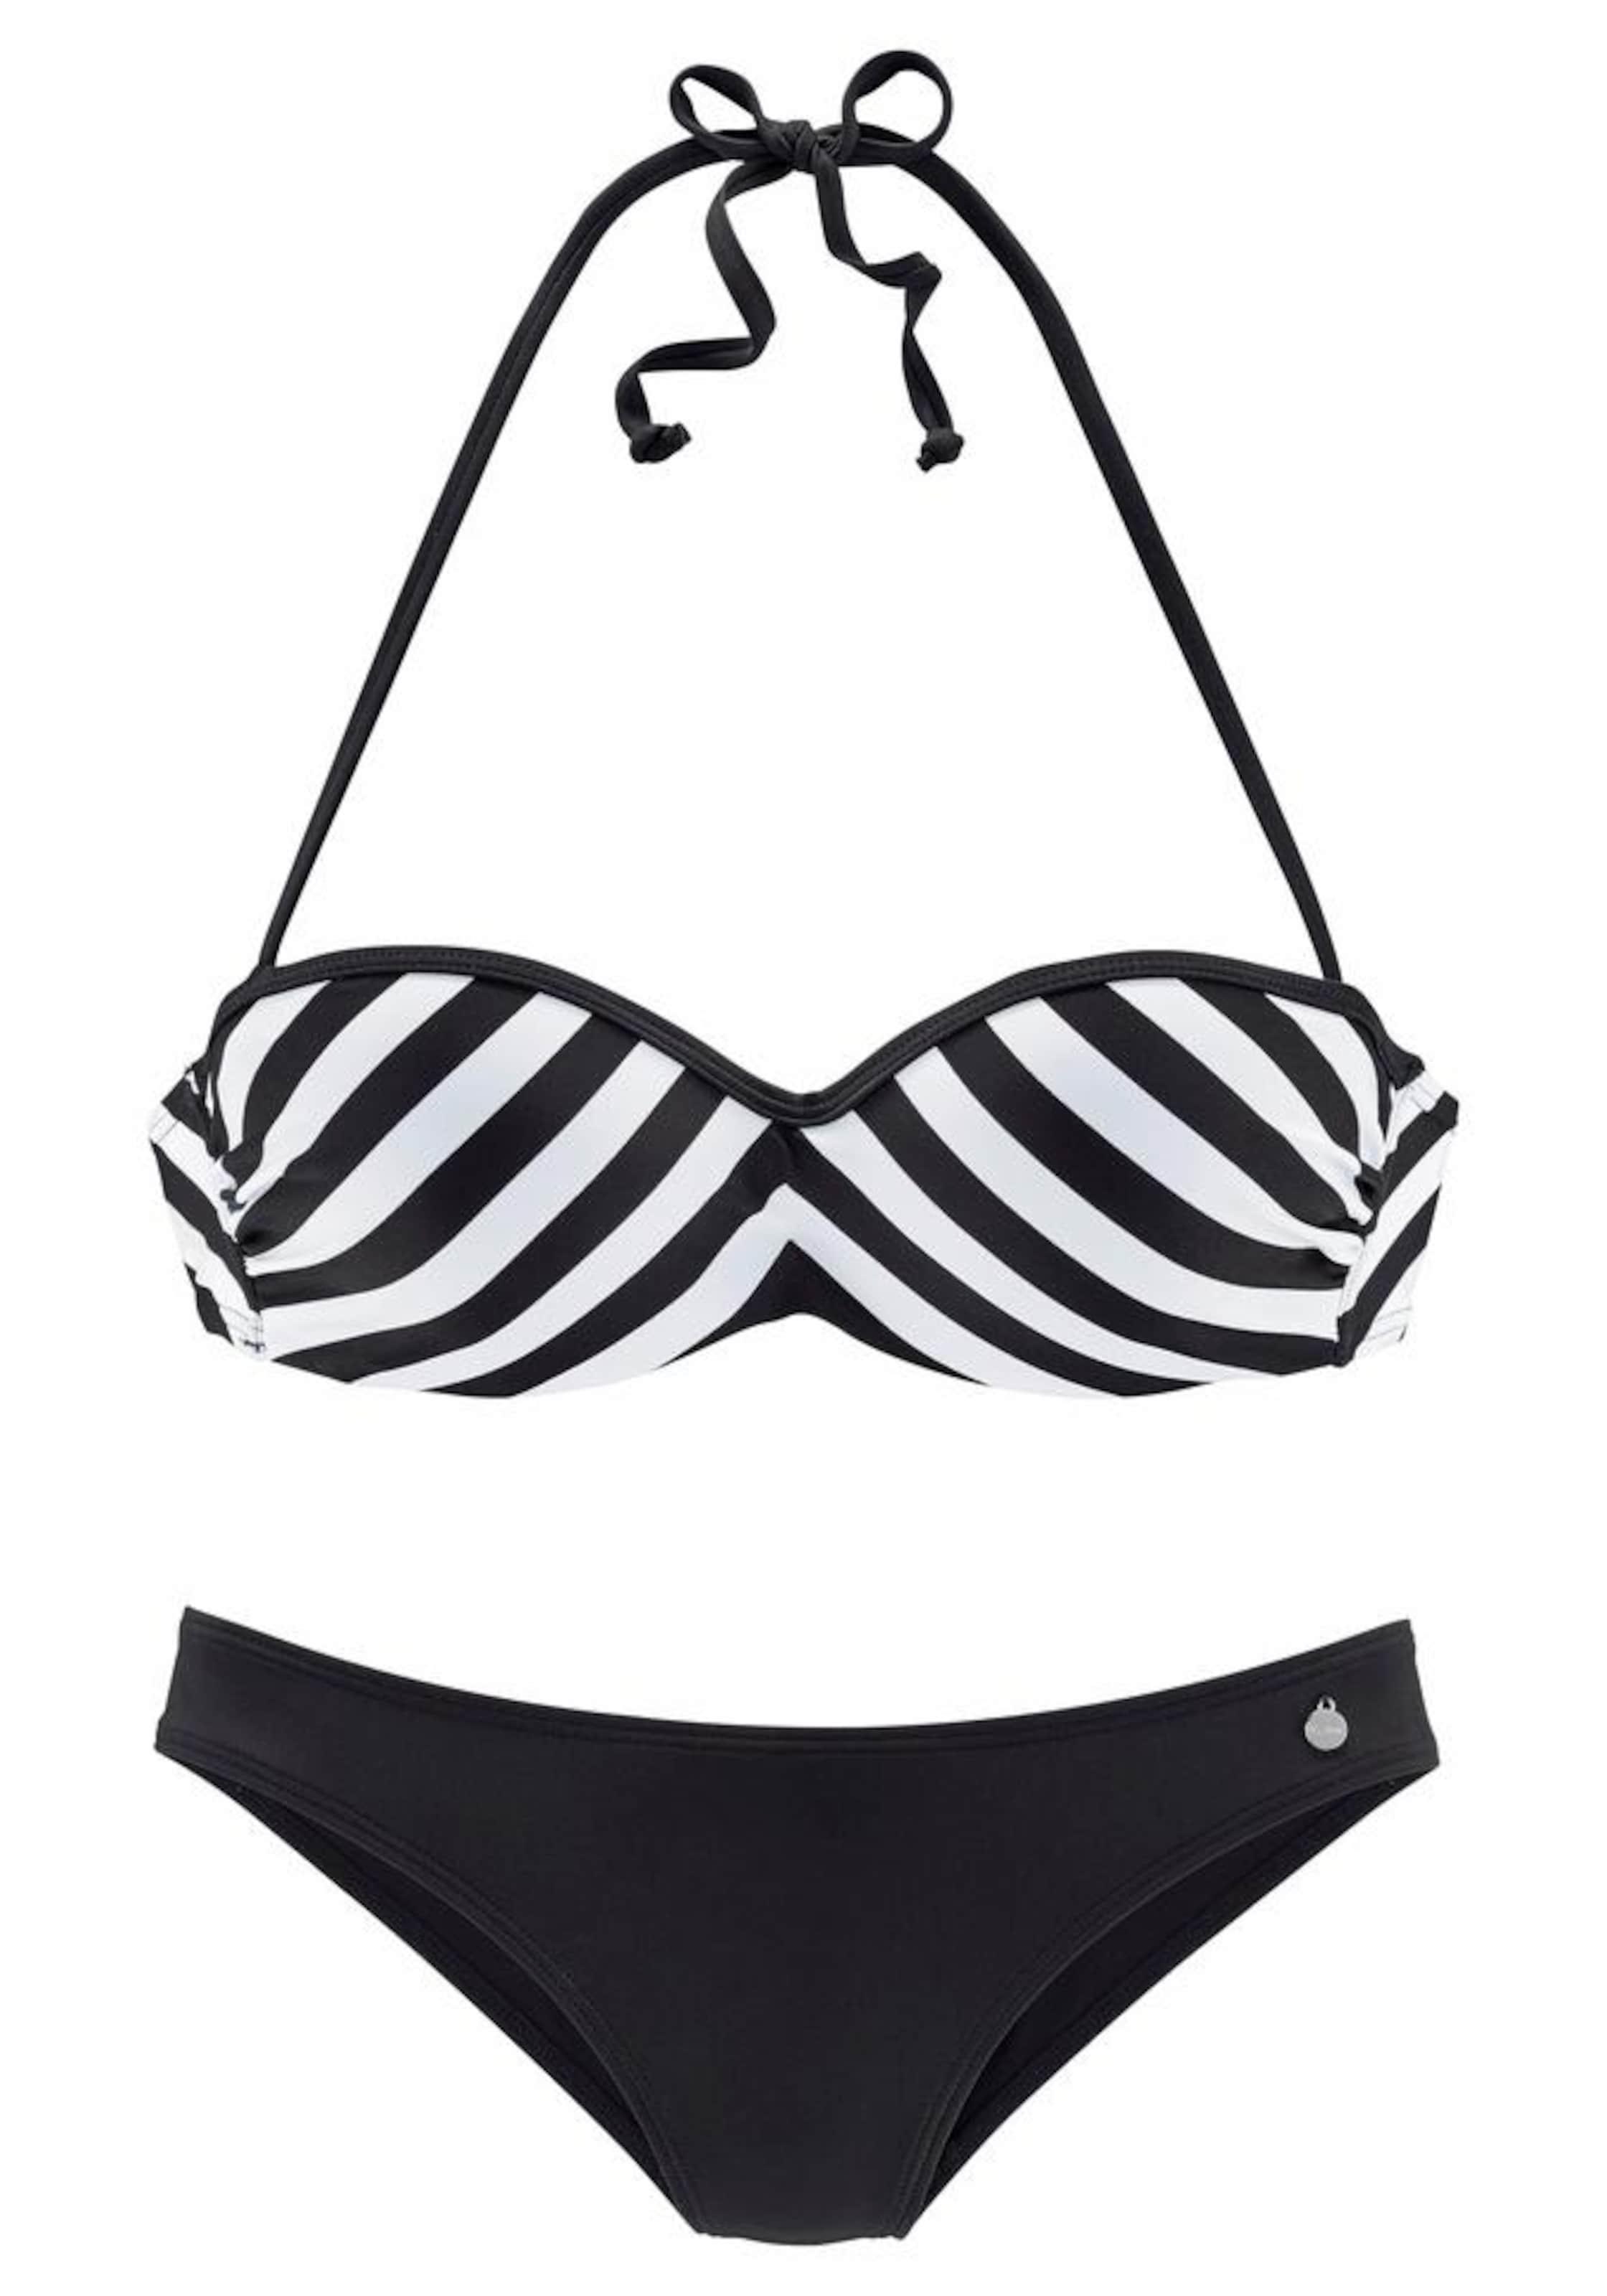 In In 'flic' Lascana Bikini Lascana SchwarzWeiß Lascana SchwarzWeiß 'flic' In Bikini Bikini 'flic' vOm08Nnw